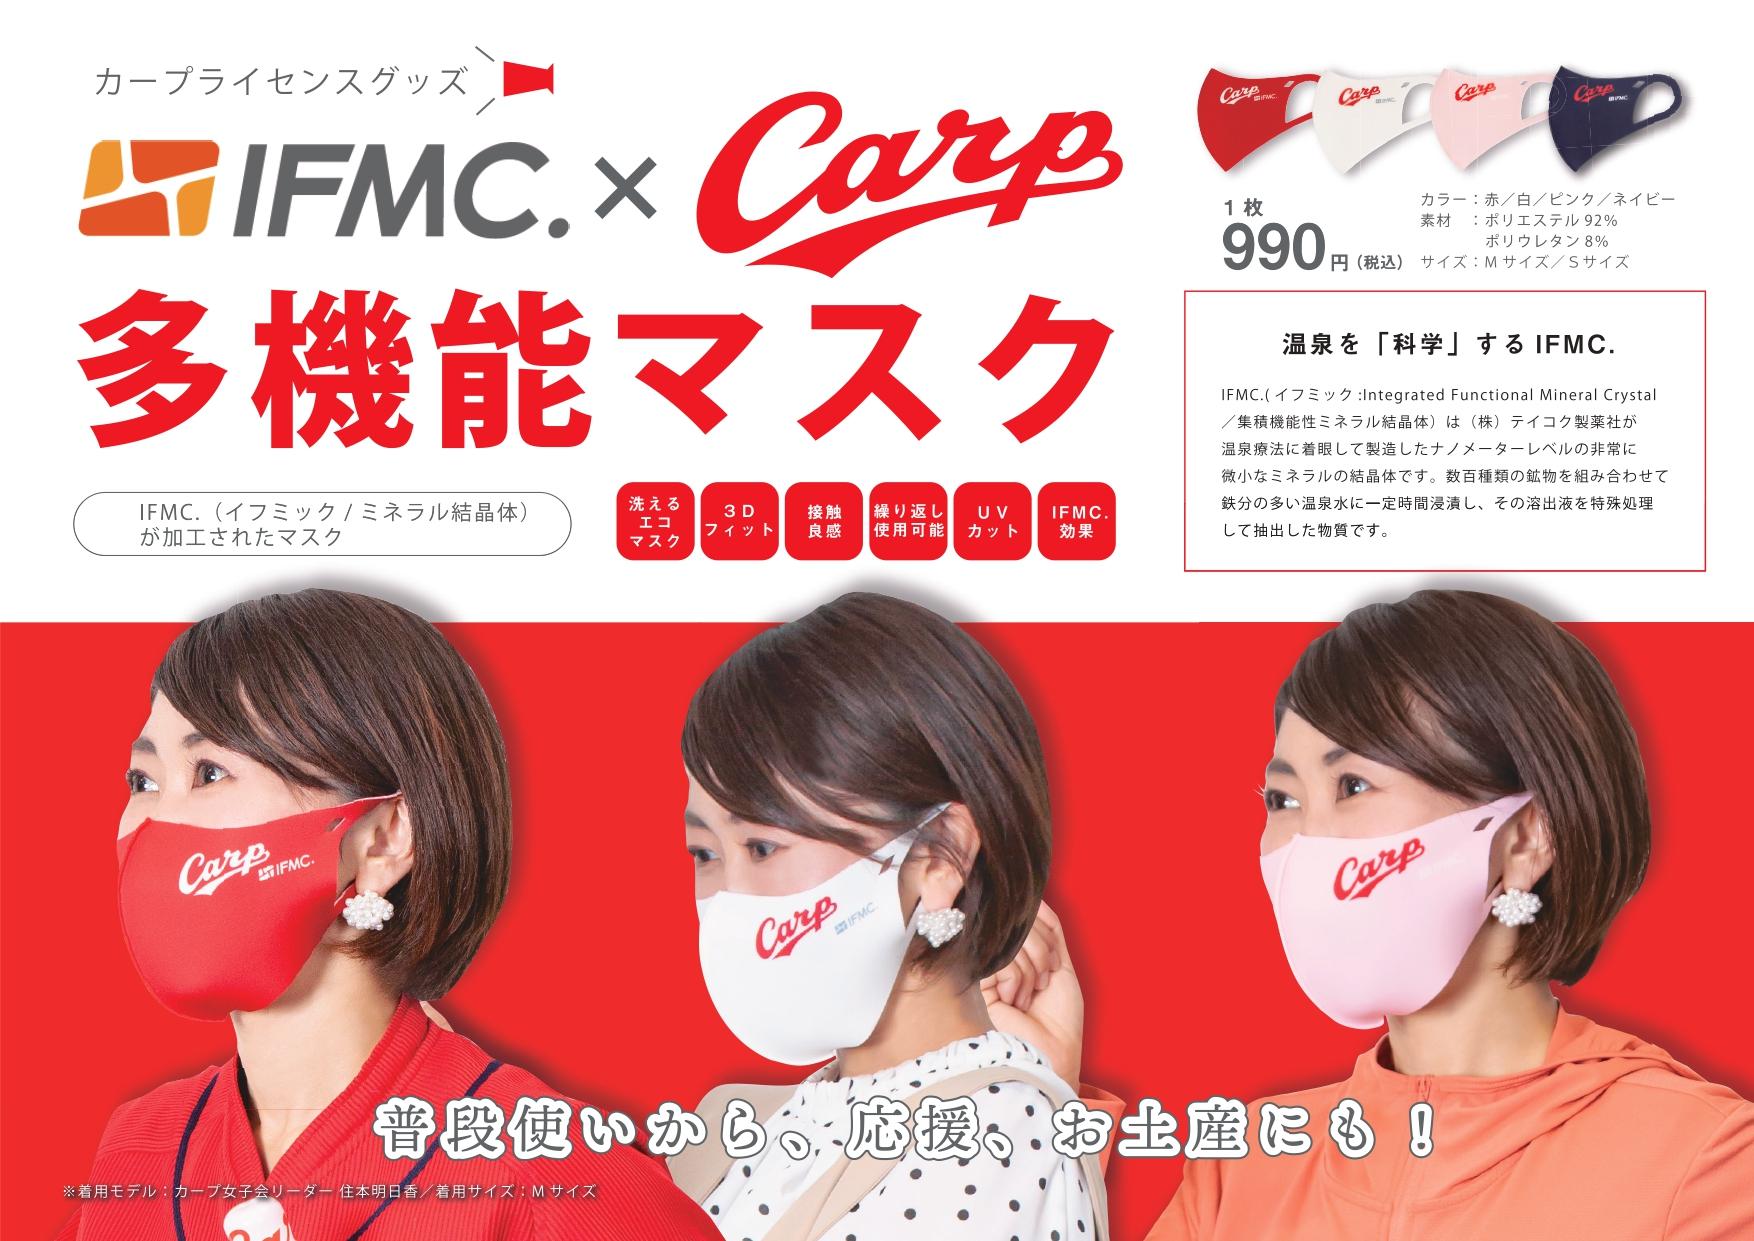 『IFMC』×『カープ』多機能マスク